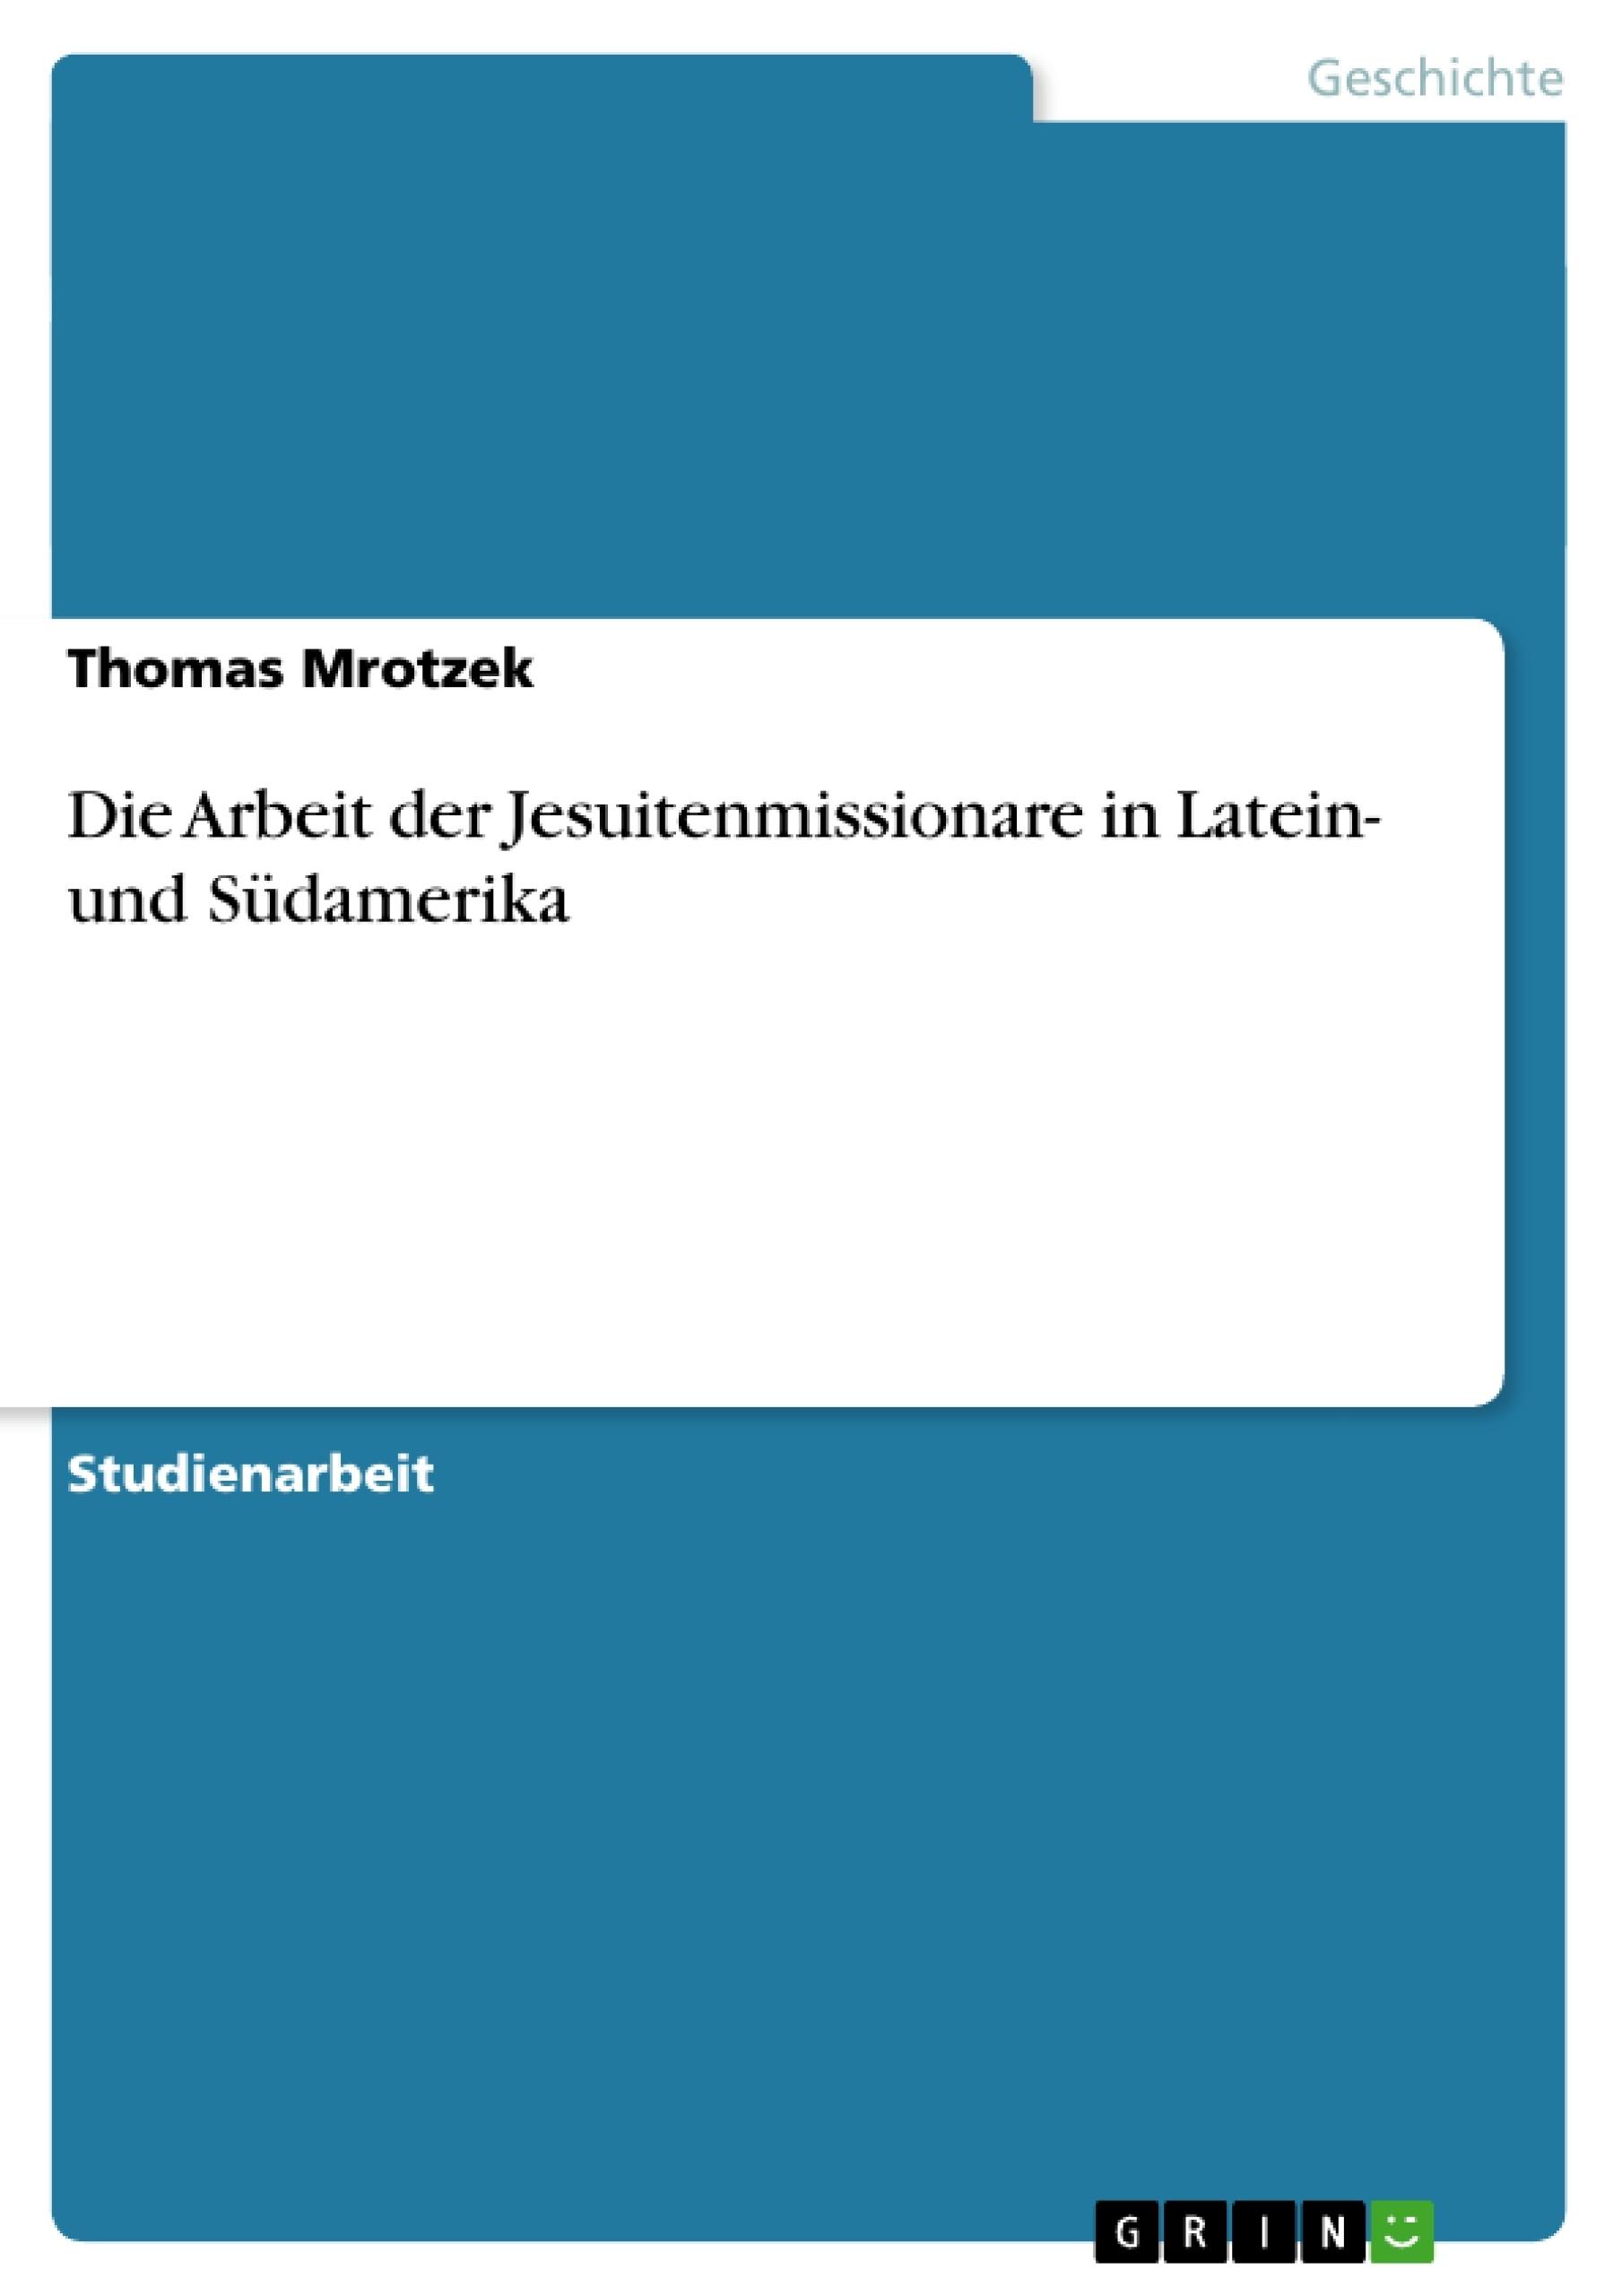 Titel: Die Arbeit der Jesuitenmissionare in Latein- und Südamerika